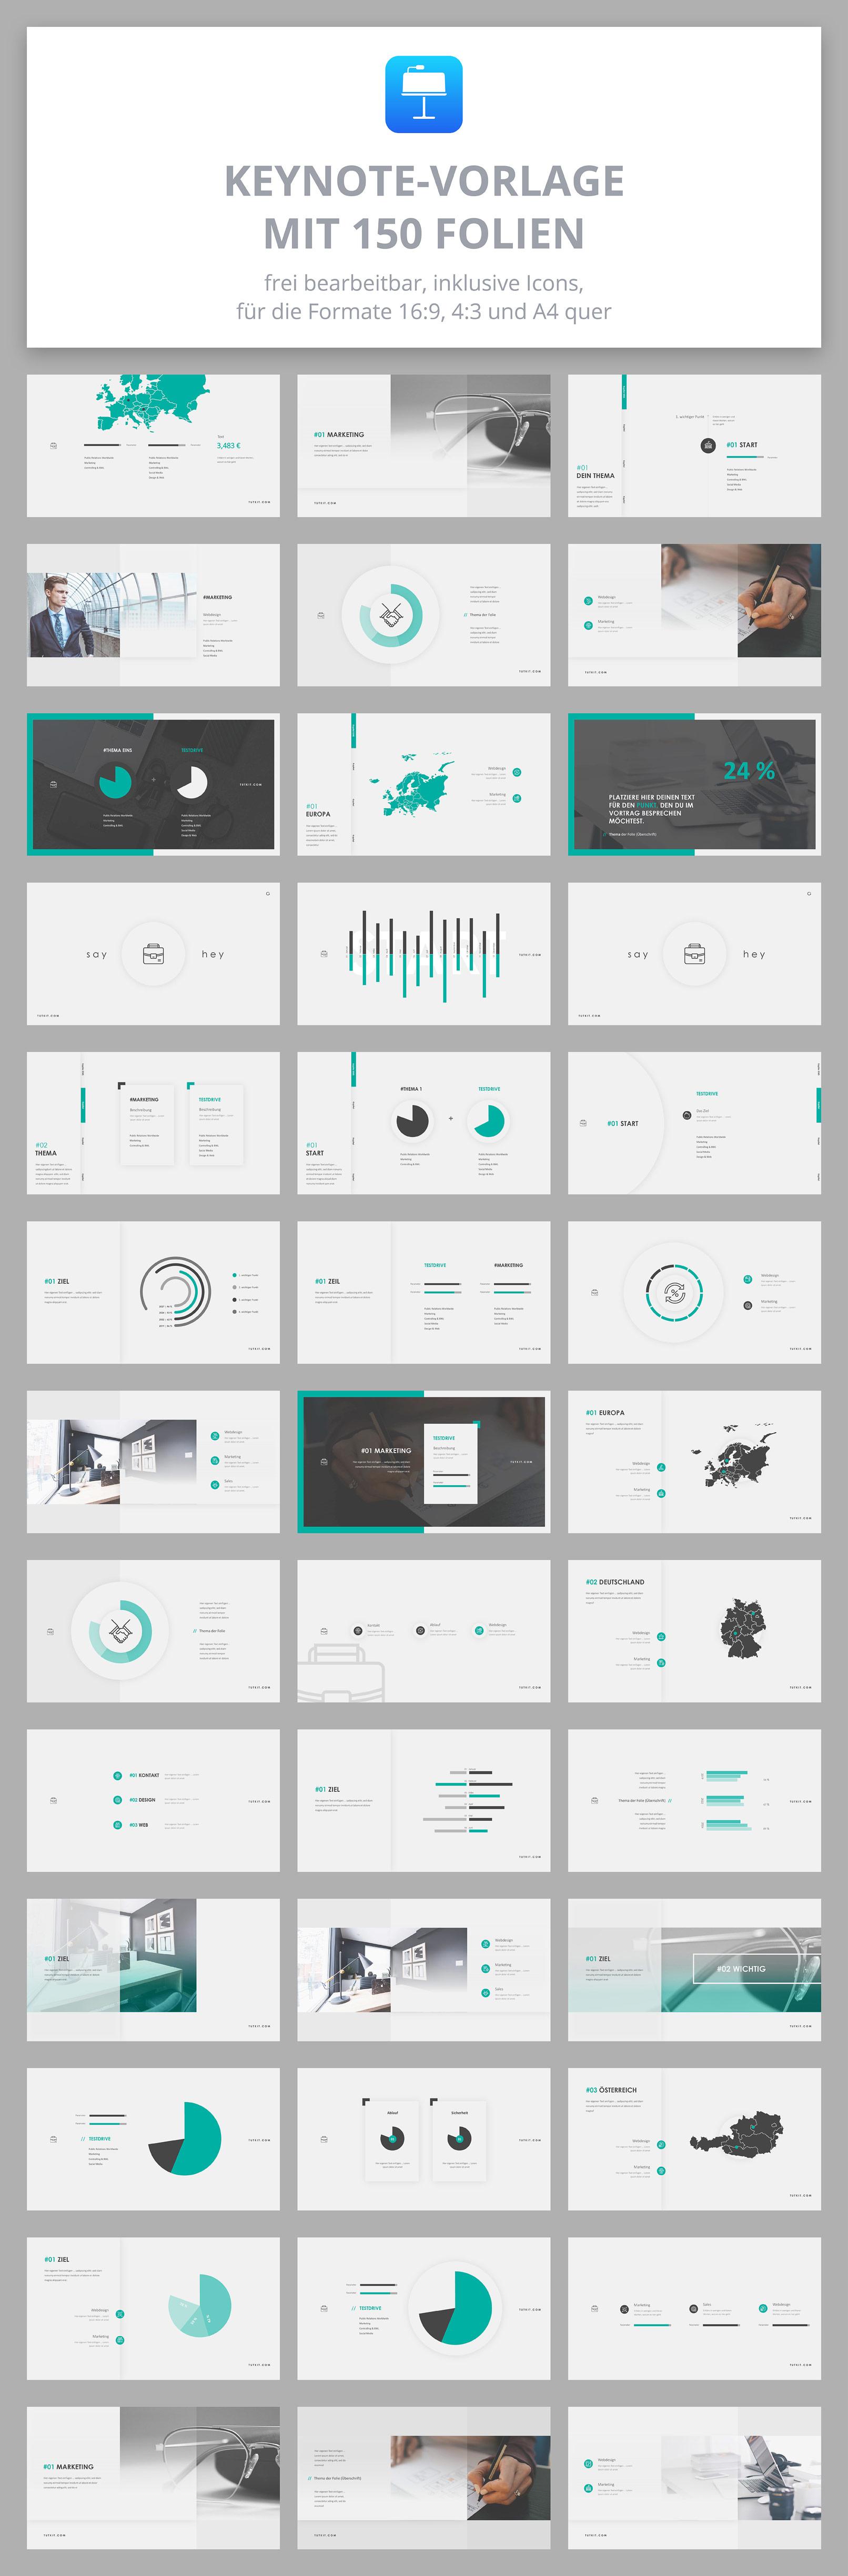 150 Layout-Vorlagen für Keynote im Air-Design, Vorschau auf ausgewählte Folien